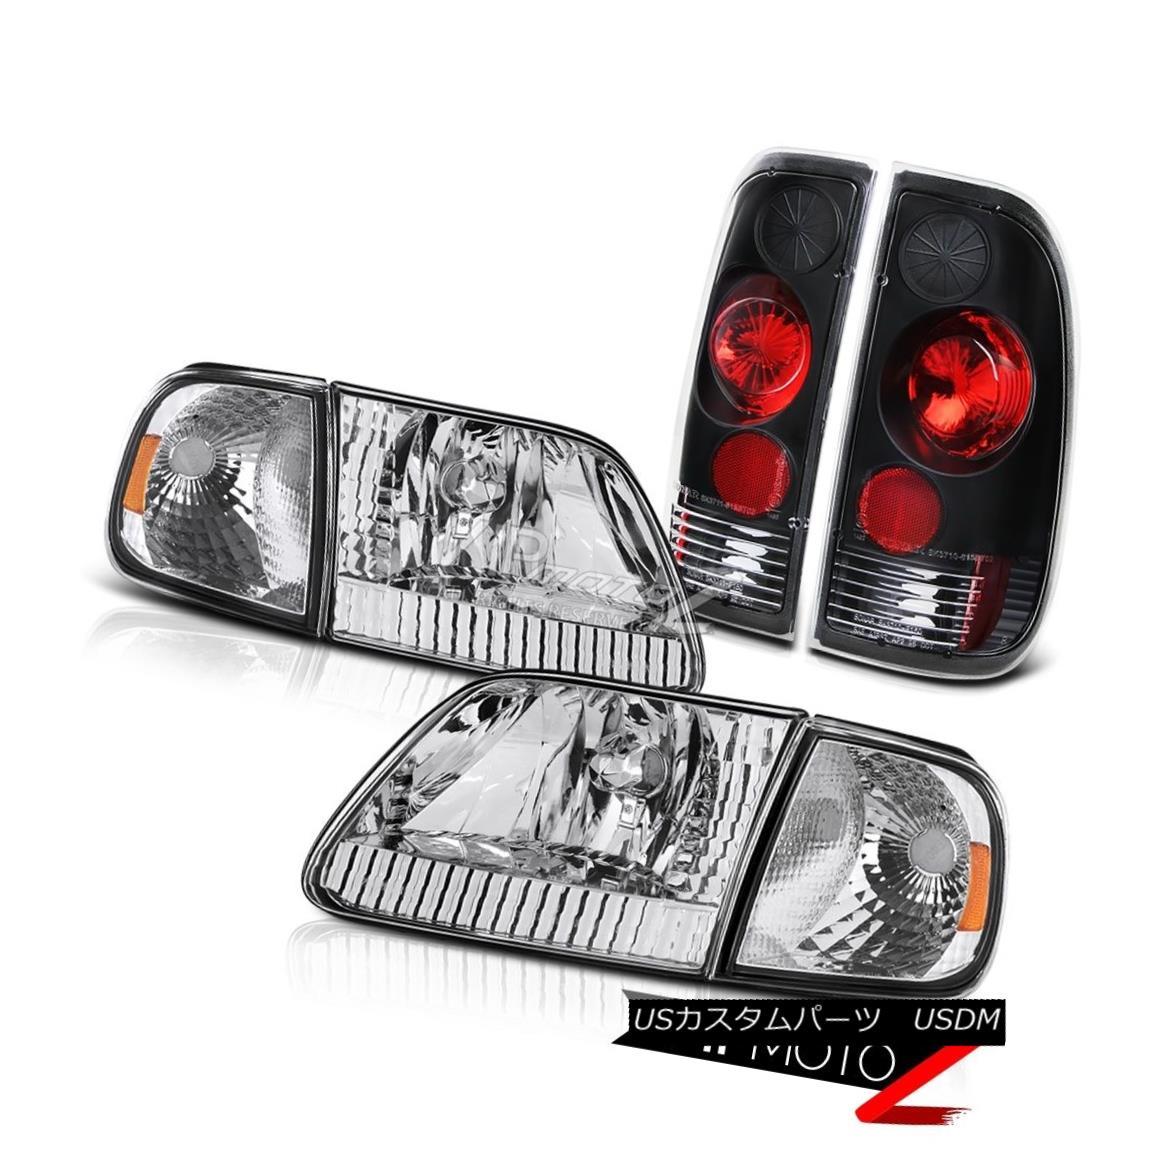 ヘッドライト 97 98 99 00 01 02 03 Ford F150 Crystal Headlights Corner Black Parking Tail Lamp 97 98 99 00 01 02 03フォードF150クリスタルヘッドライトコーナーブラックパーキングテールランプ